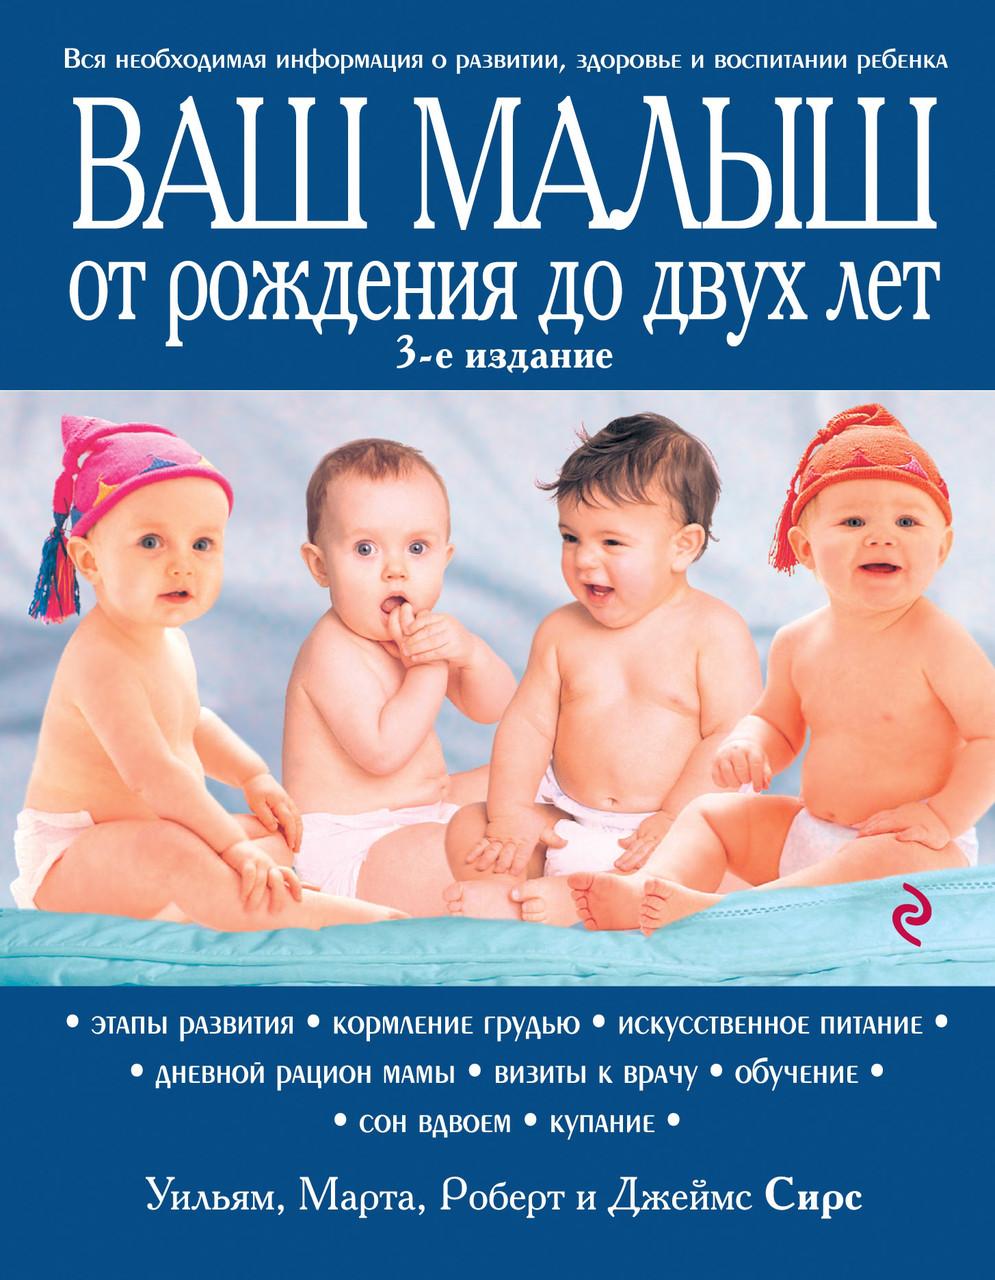 Ваш малыш. От рождения до двух лет. 3-е издание